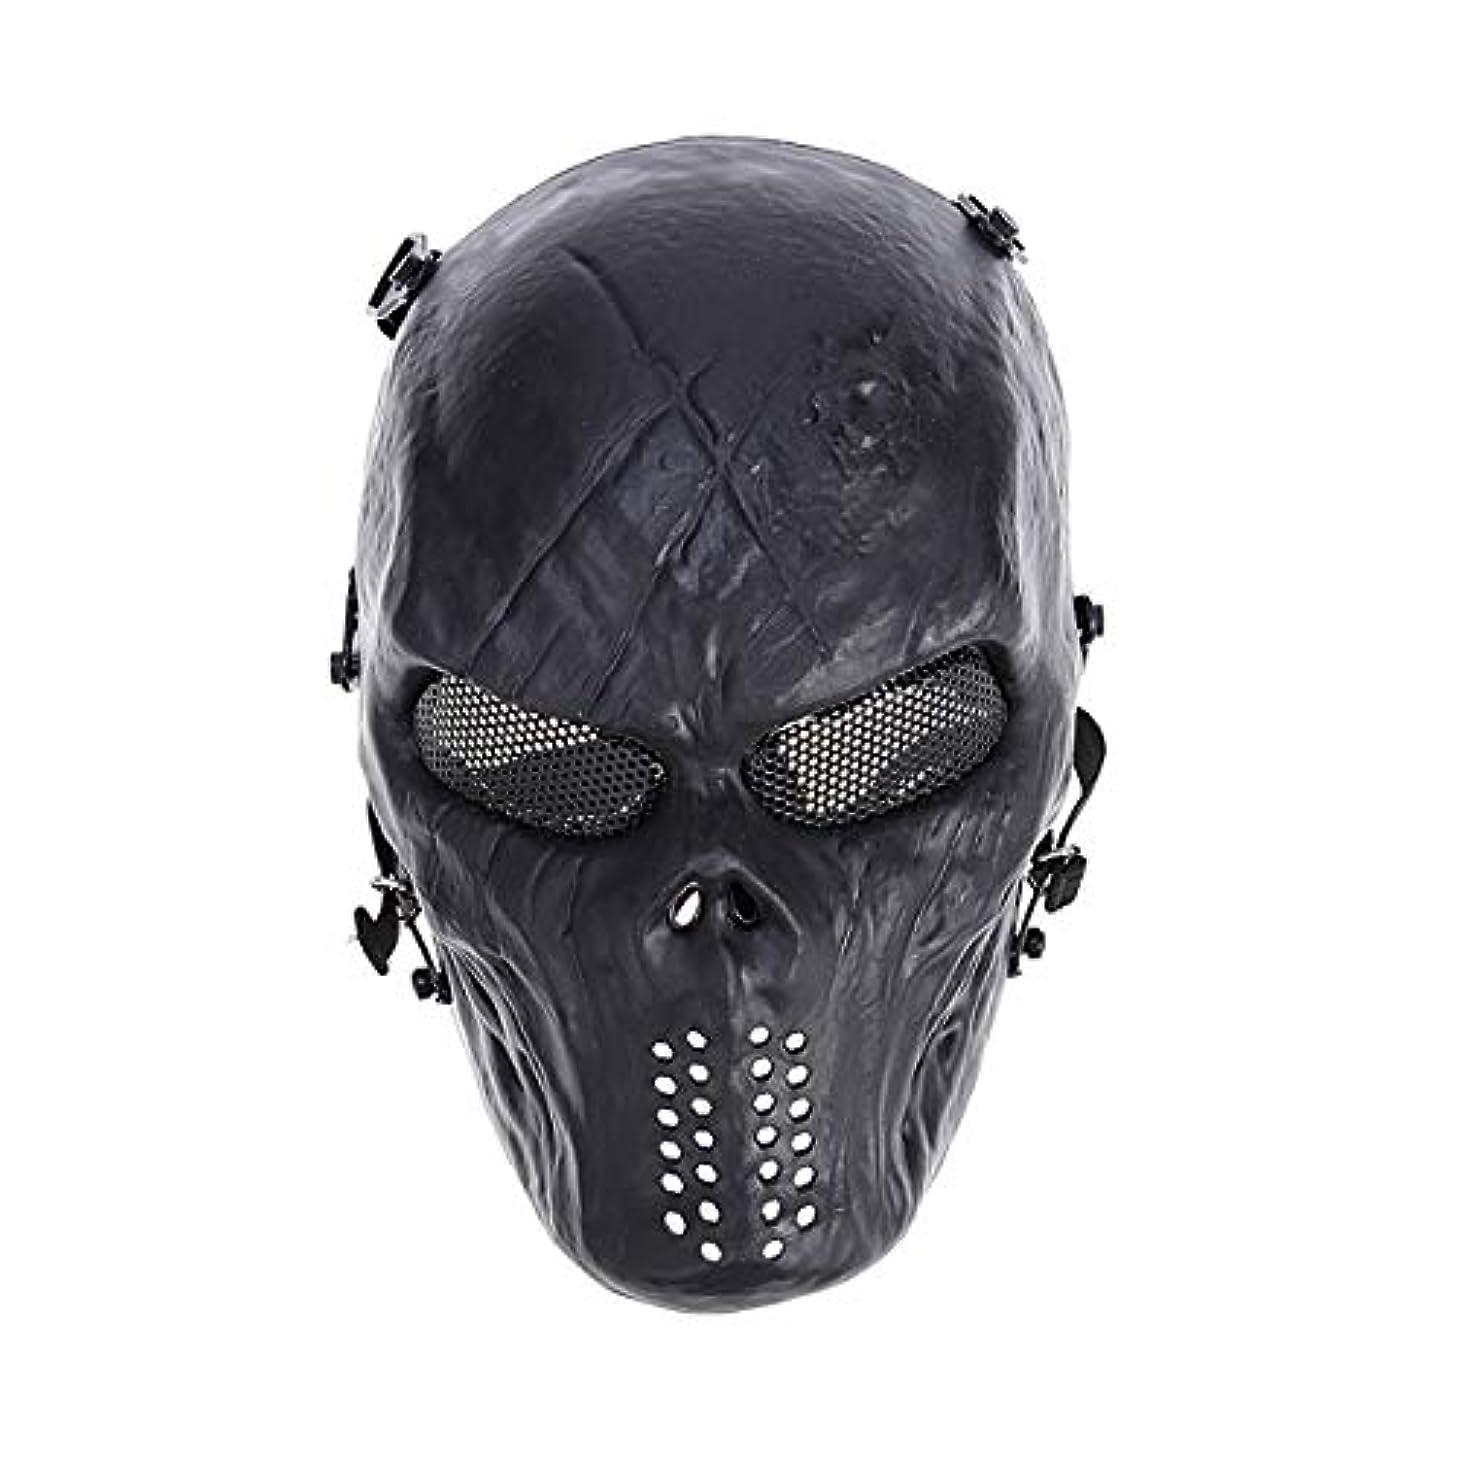 バラバラにする登録繊細VORCOOL CSフィールドマスクハロウィンパーティーコスチュームマスク調整可能な戦術マスク戦闘保護顔耳保護征服マスク(黒)